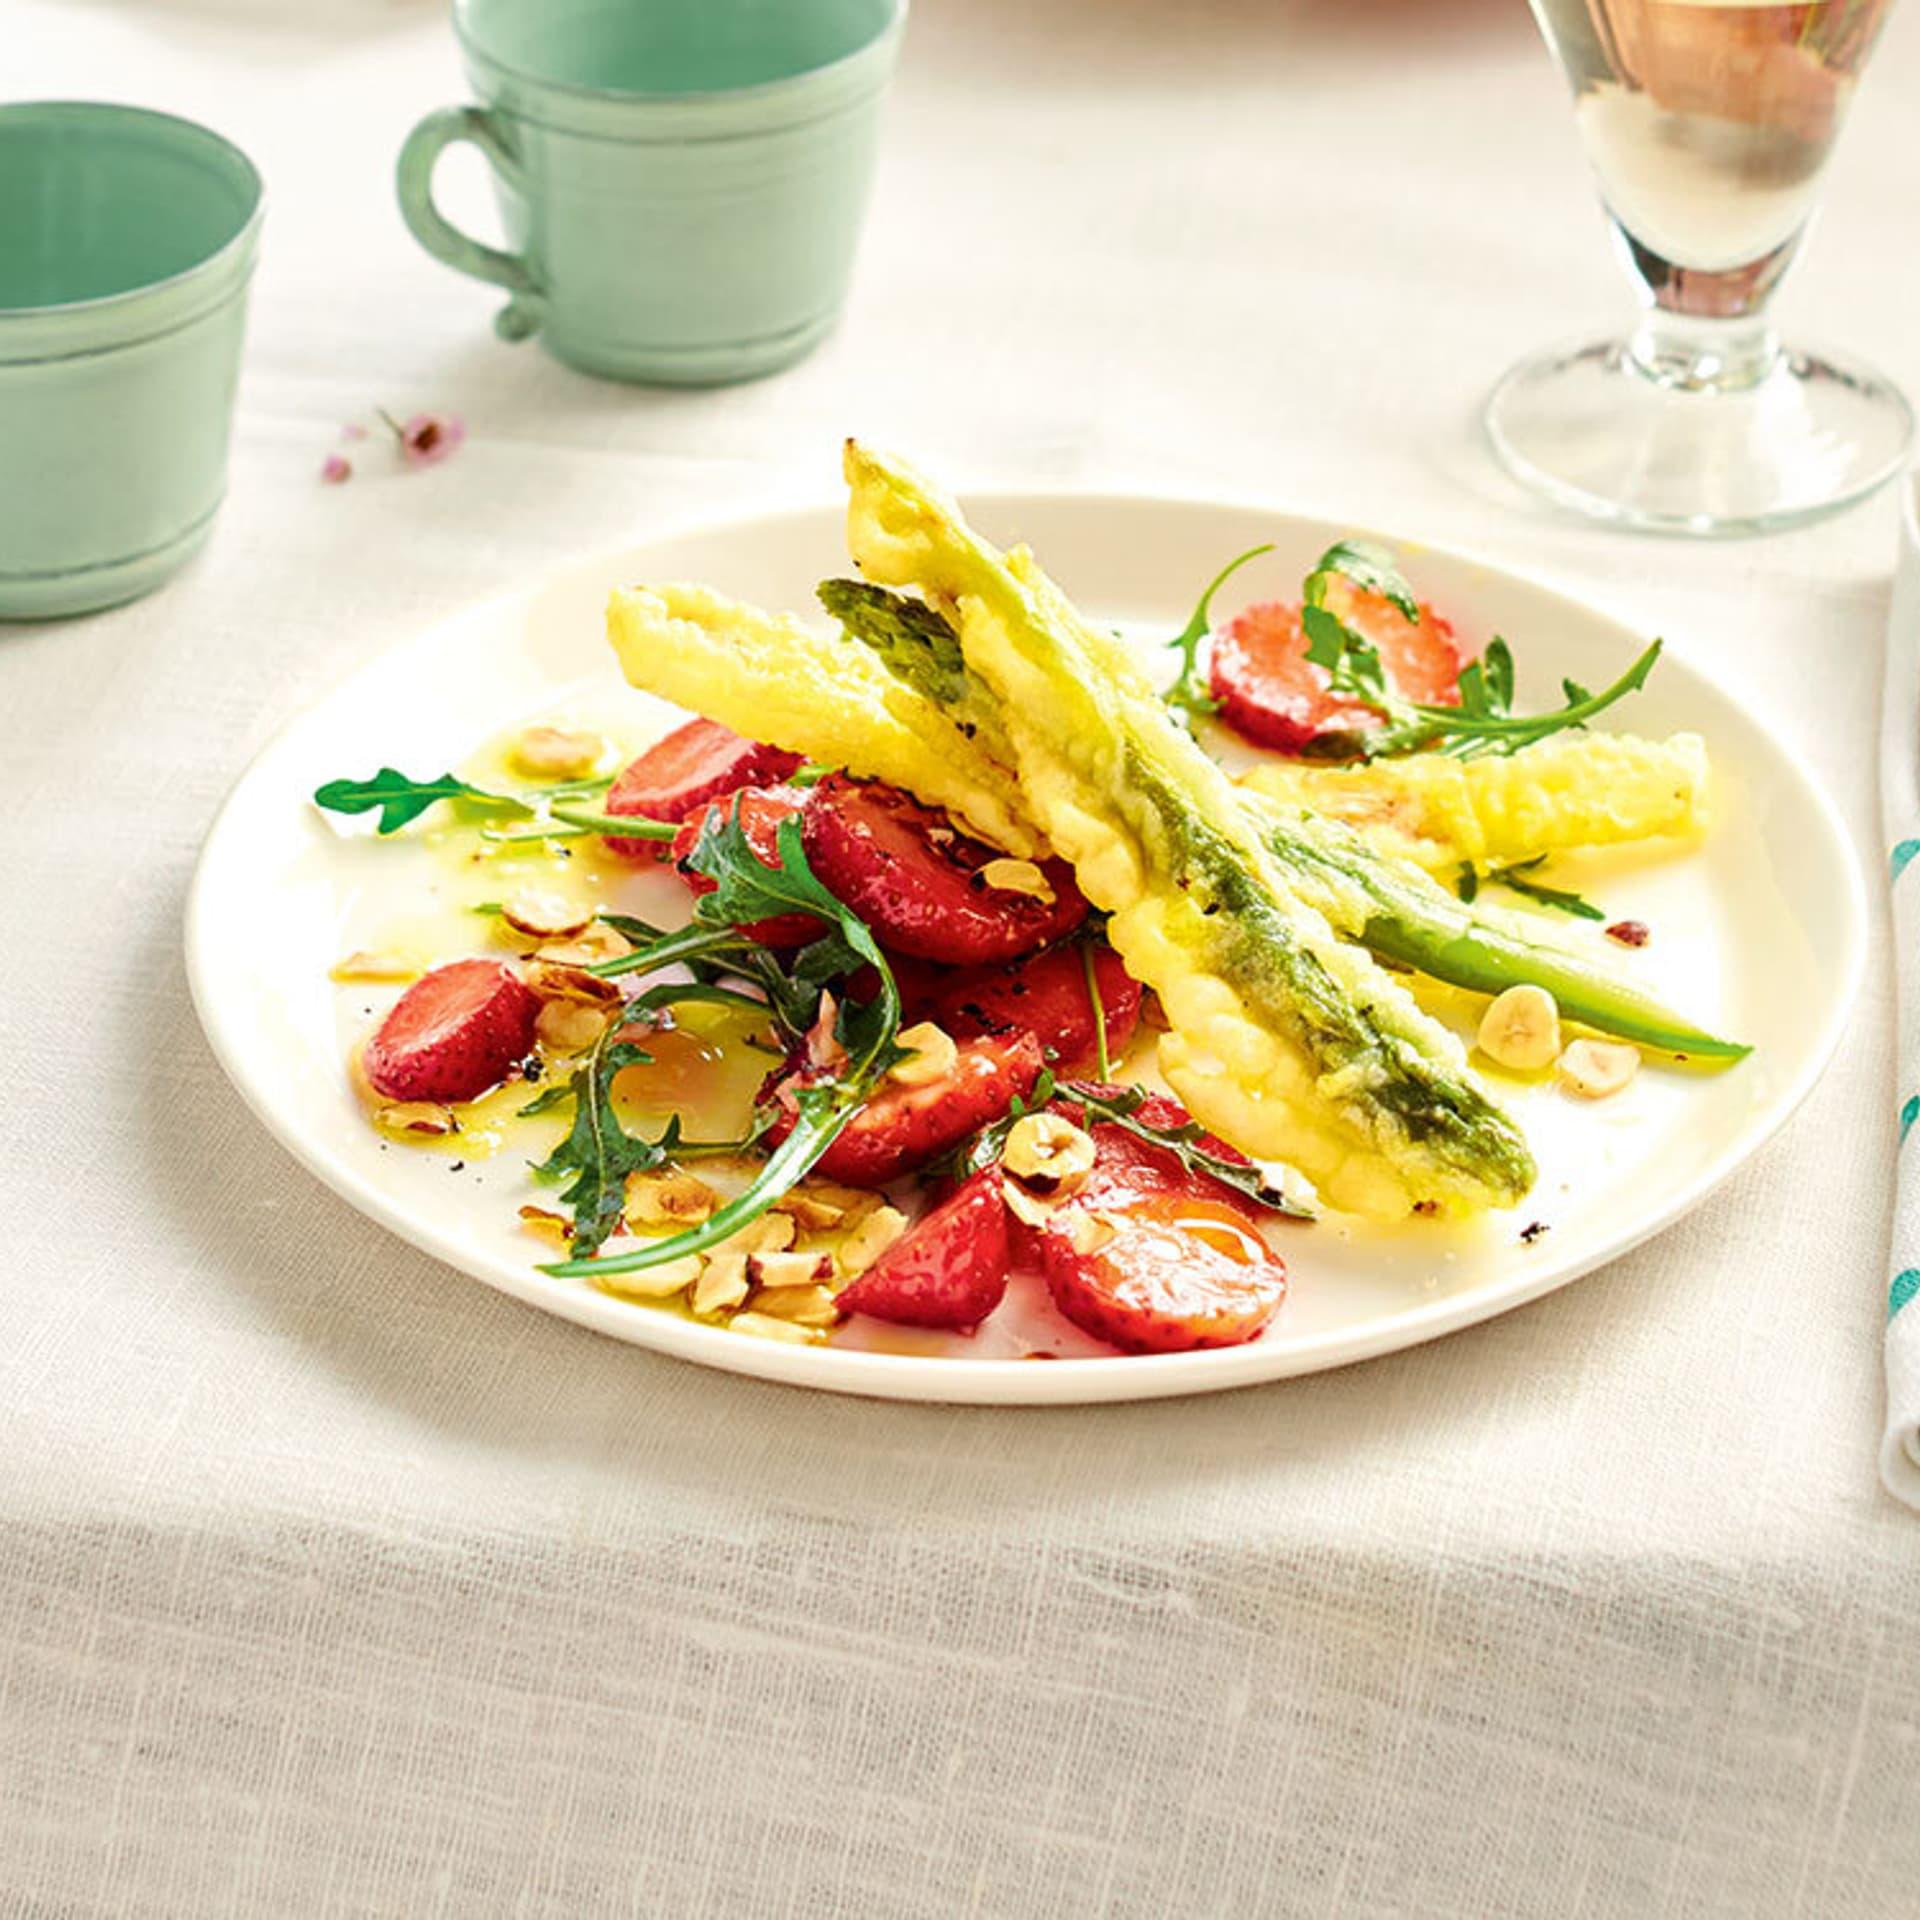 Spargel und Erdbeeren auf einem Teller